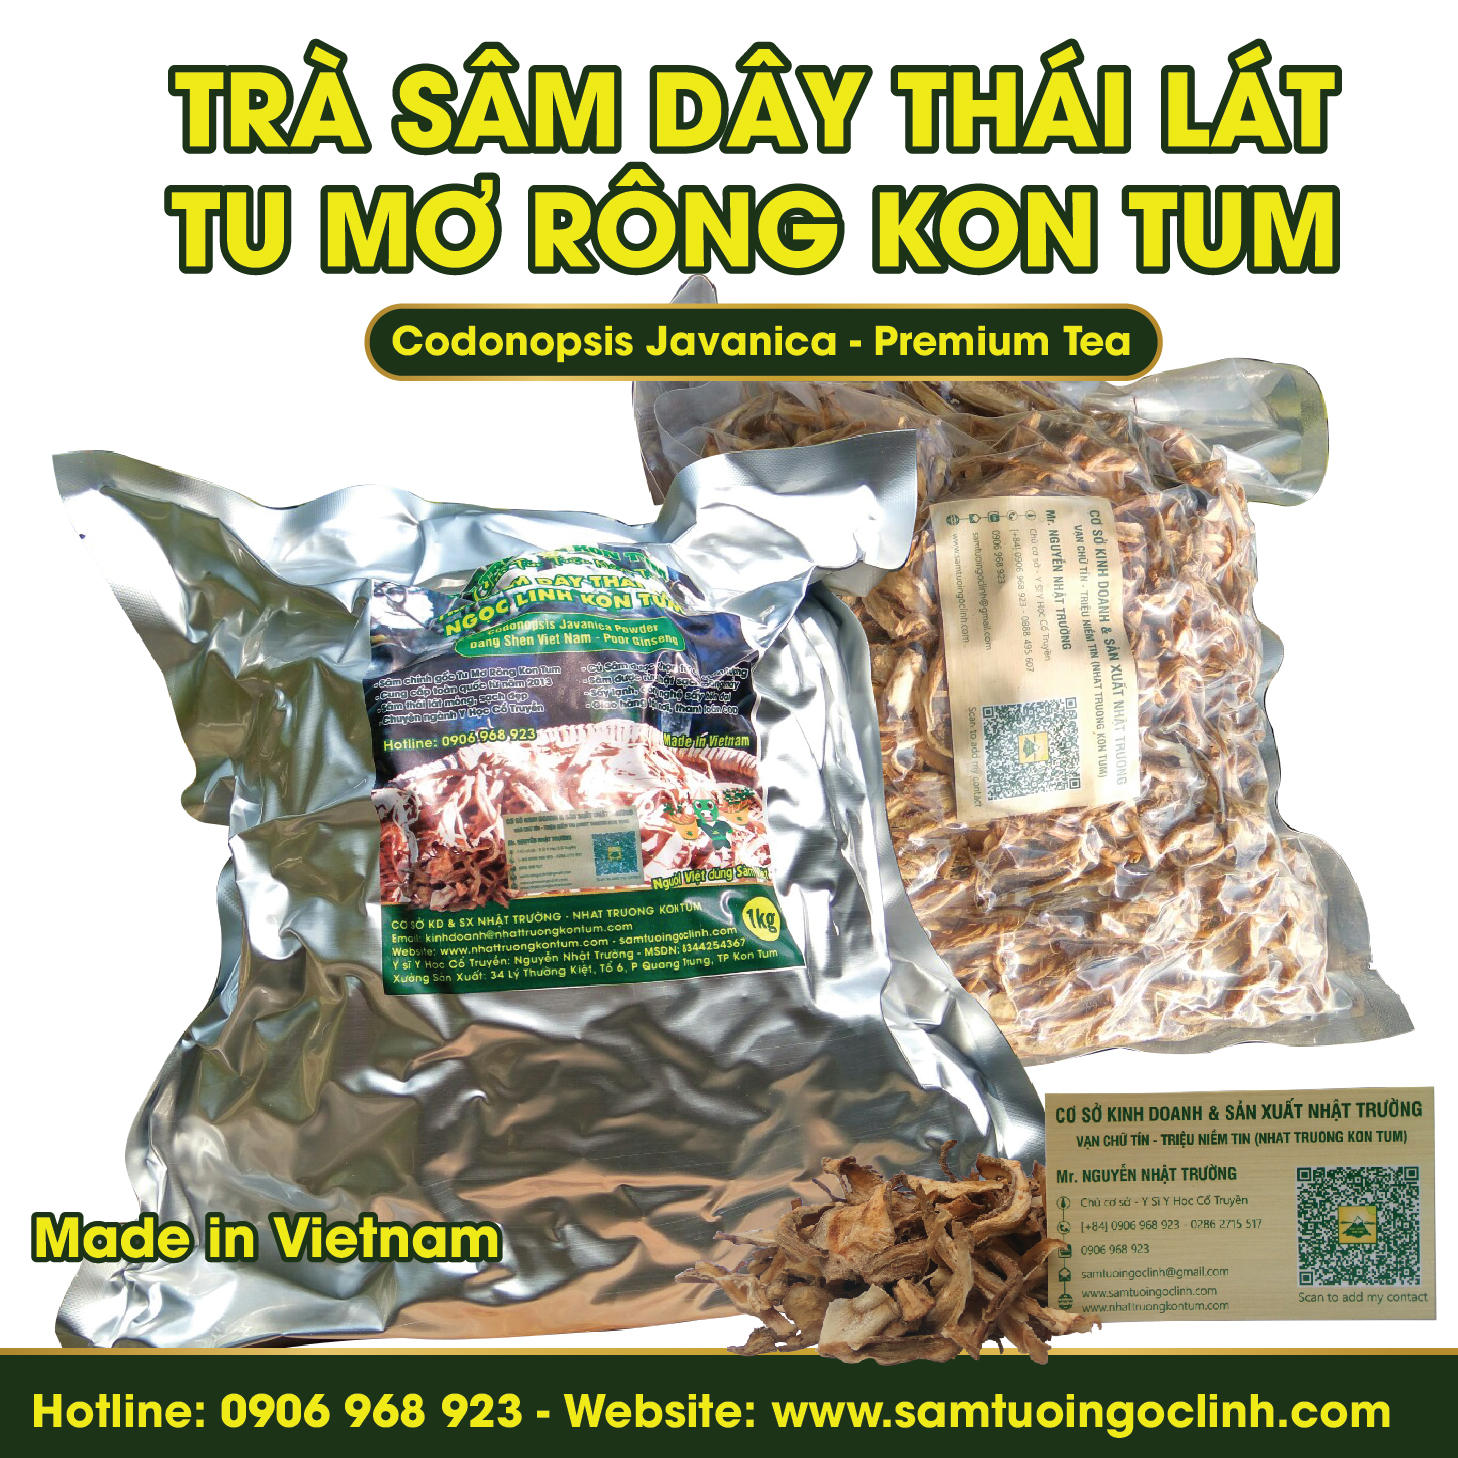 Trà Sâm Dây Ngọc Linh Kon Tum Nhật Trường - Túi 0.5 kg